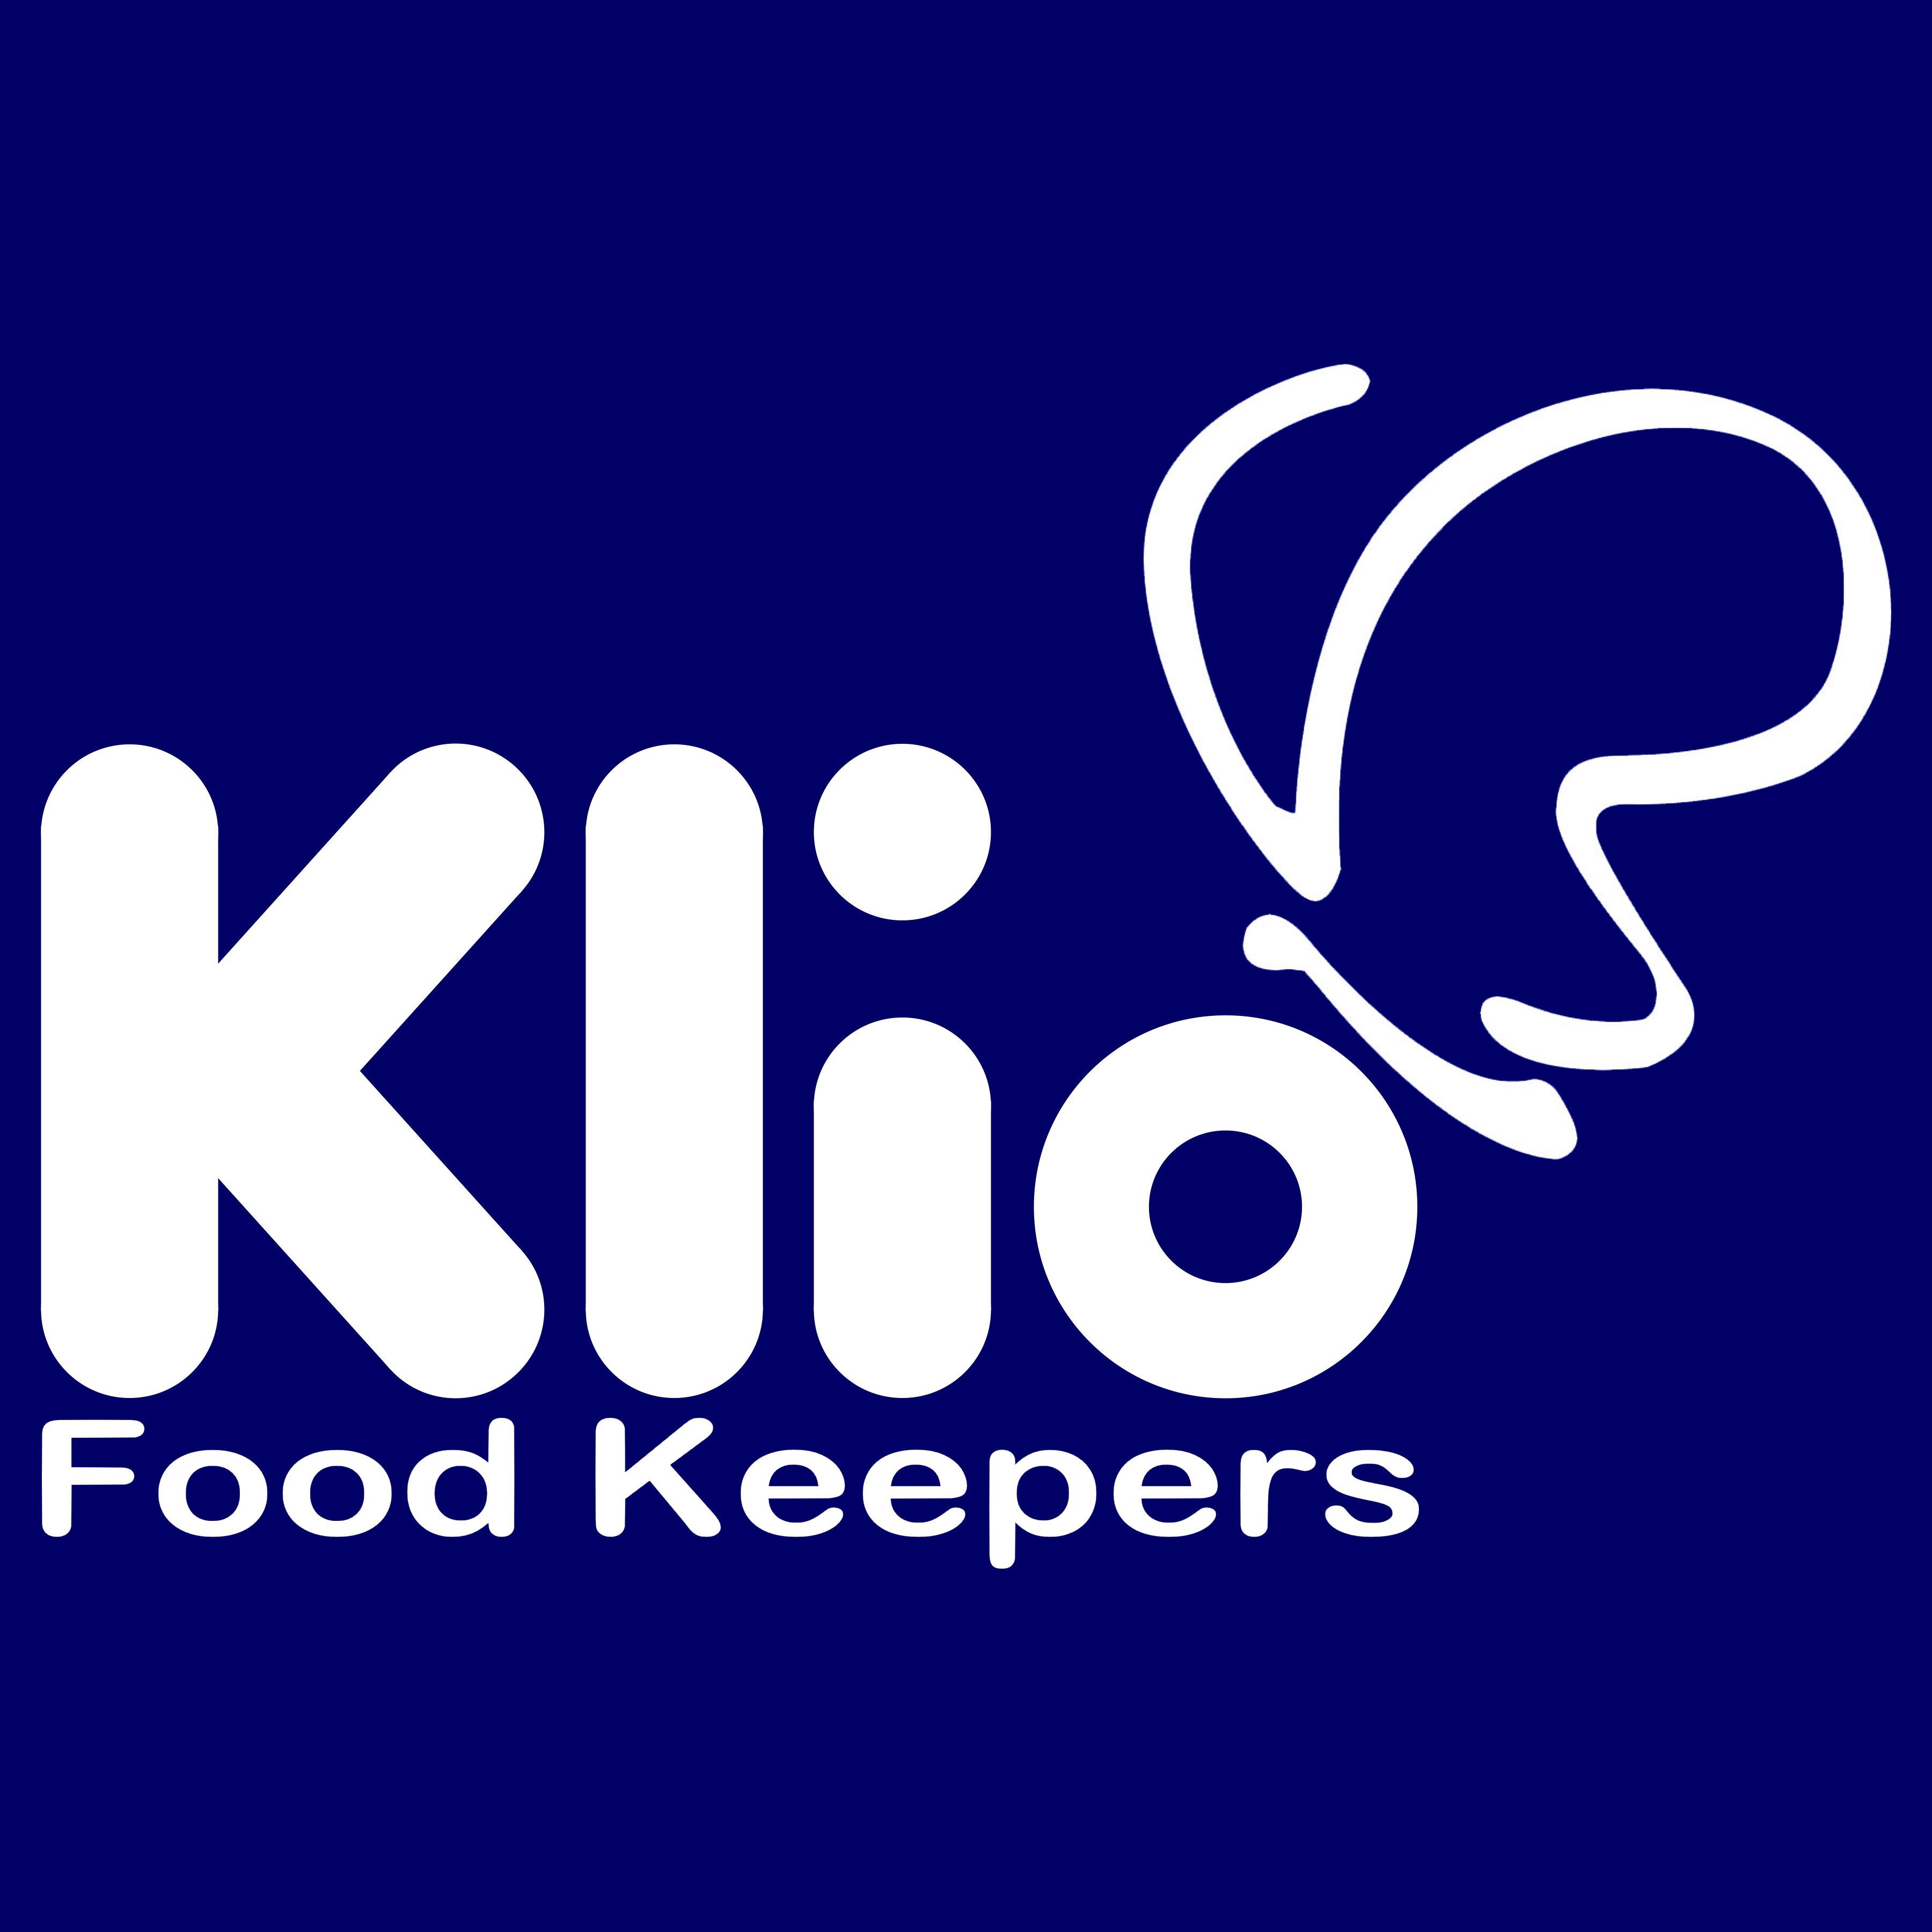 klio-big01-1